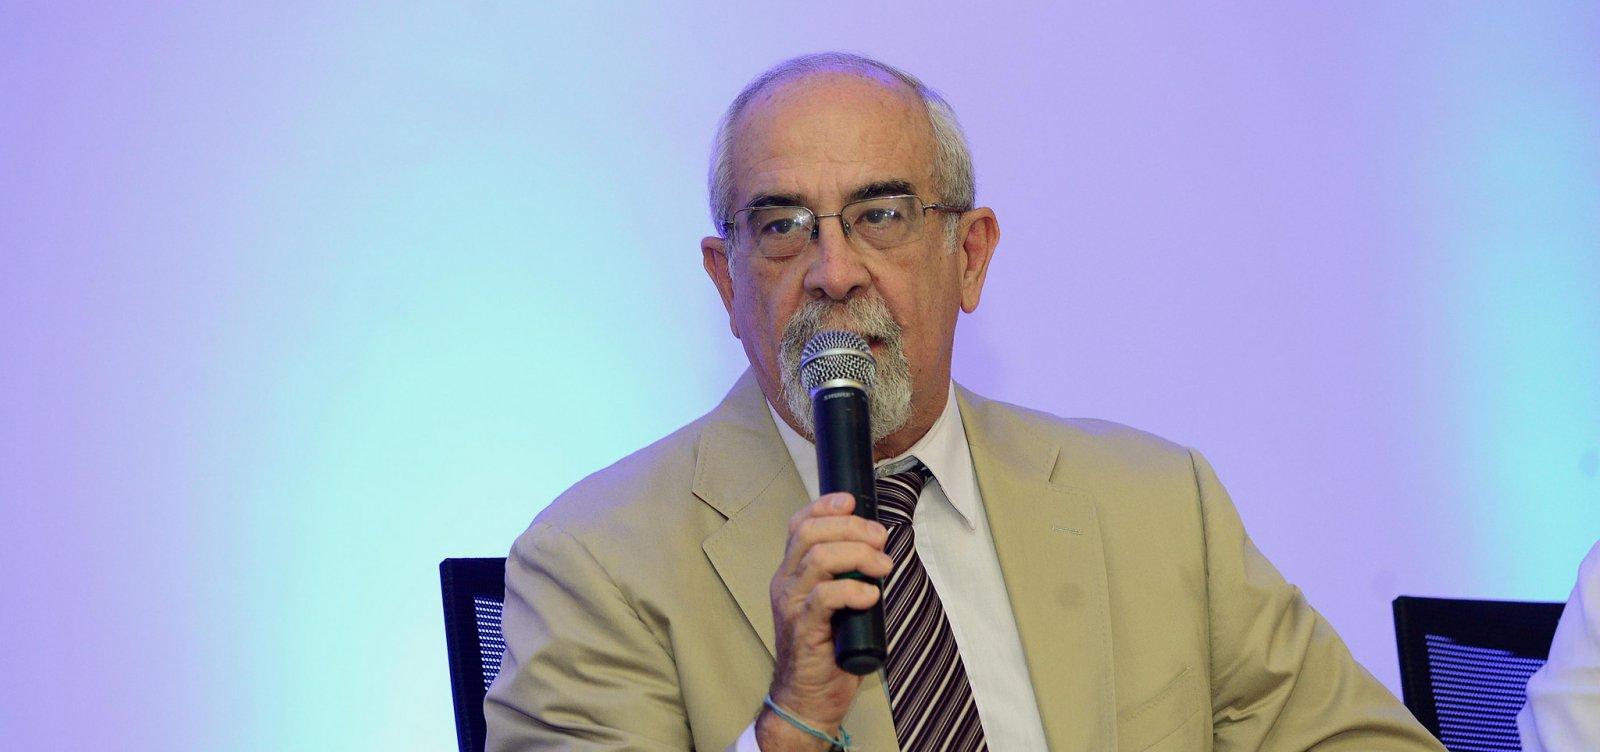 ['Não acredito em motivação política', diz chefe da Casa Civil sobre ação do TCE contra VLT]